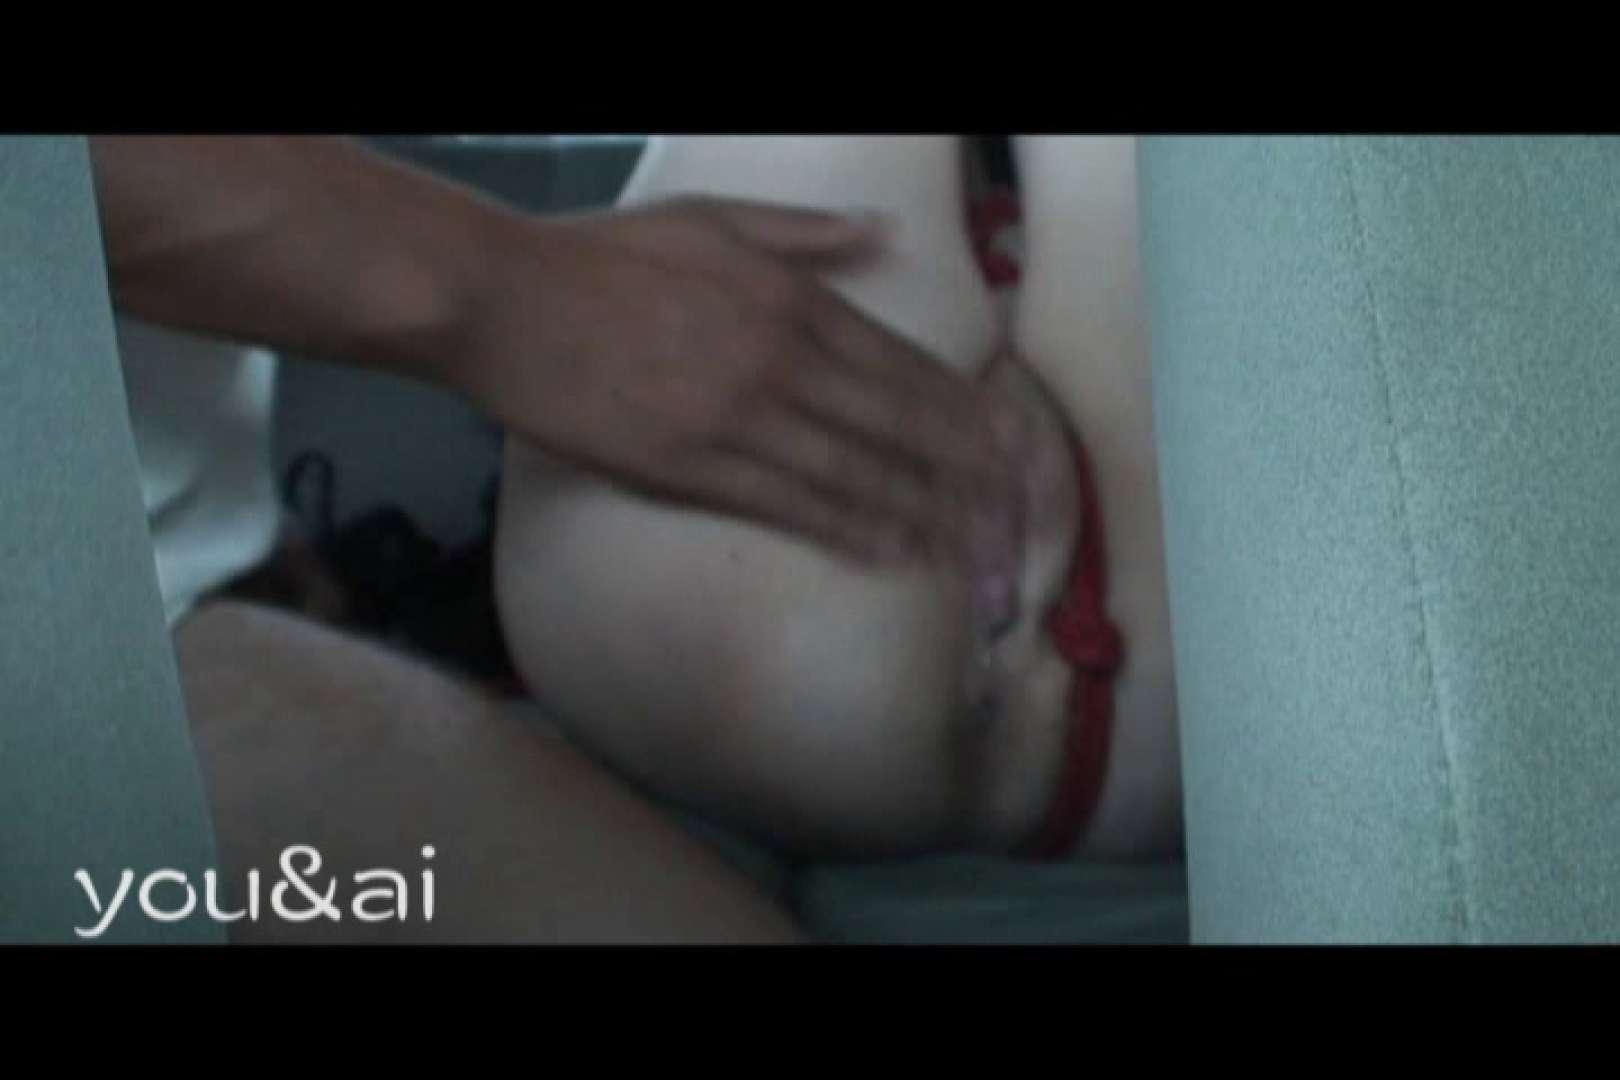 おしどり夫婦のyou&aiさん投稿作品vol.4 緊縛  71pic 32